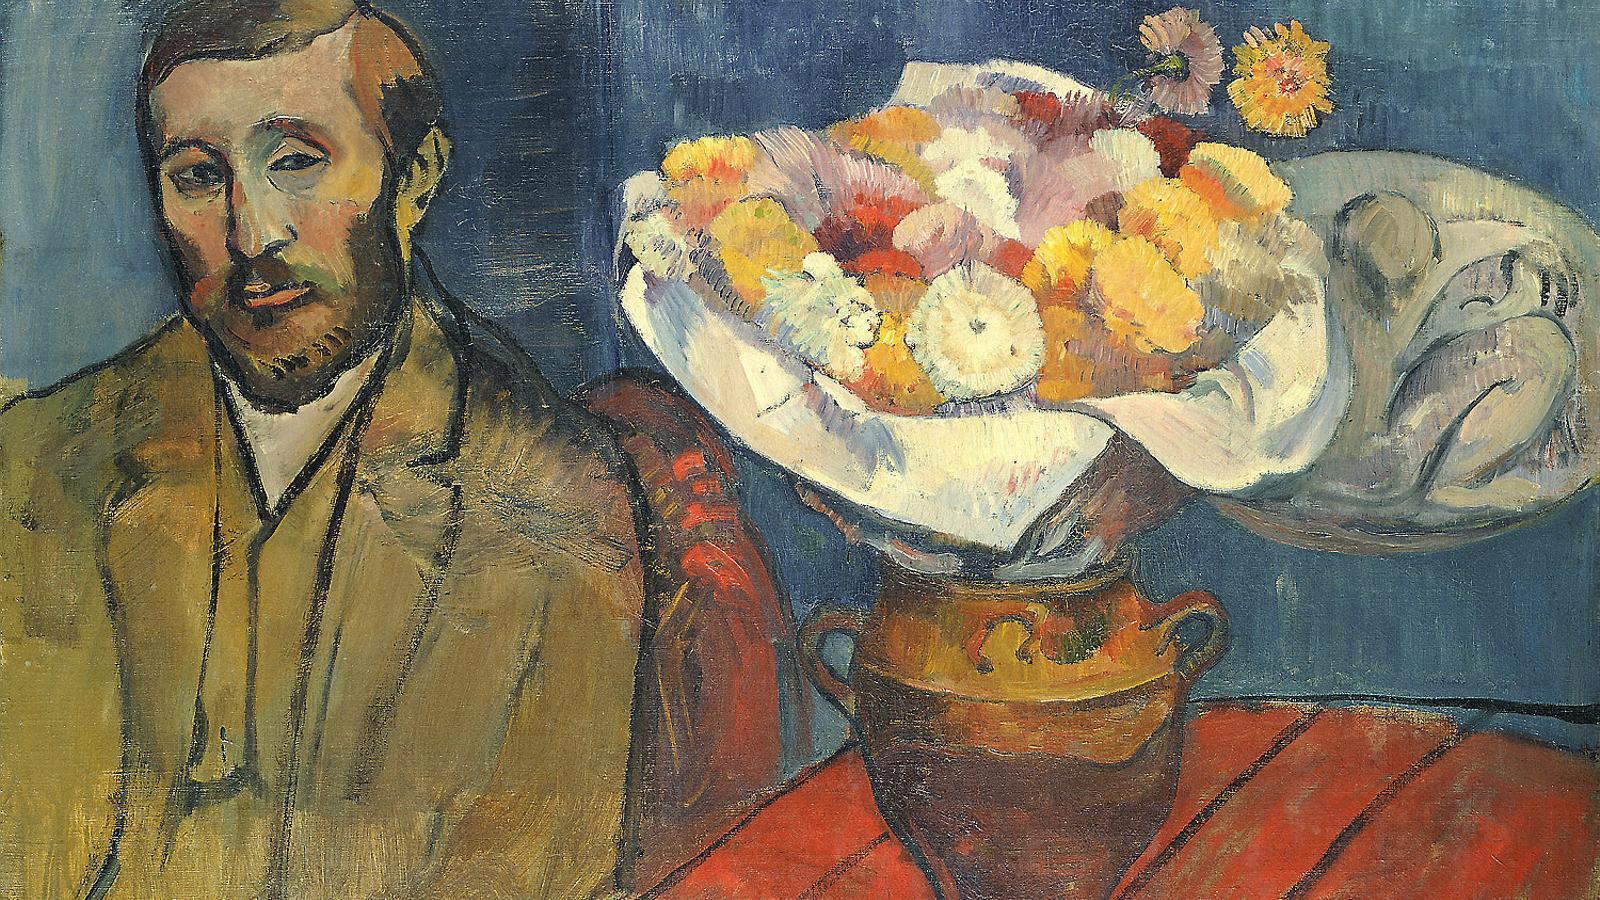 Gauguin davant del mirall, a través dels seus retrats